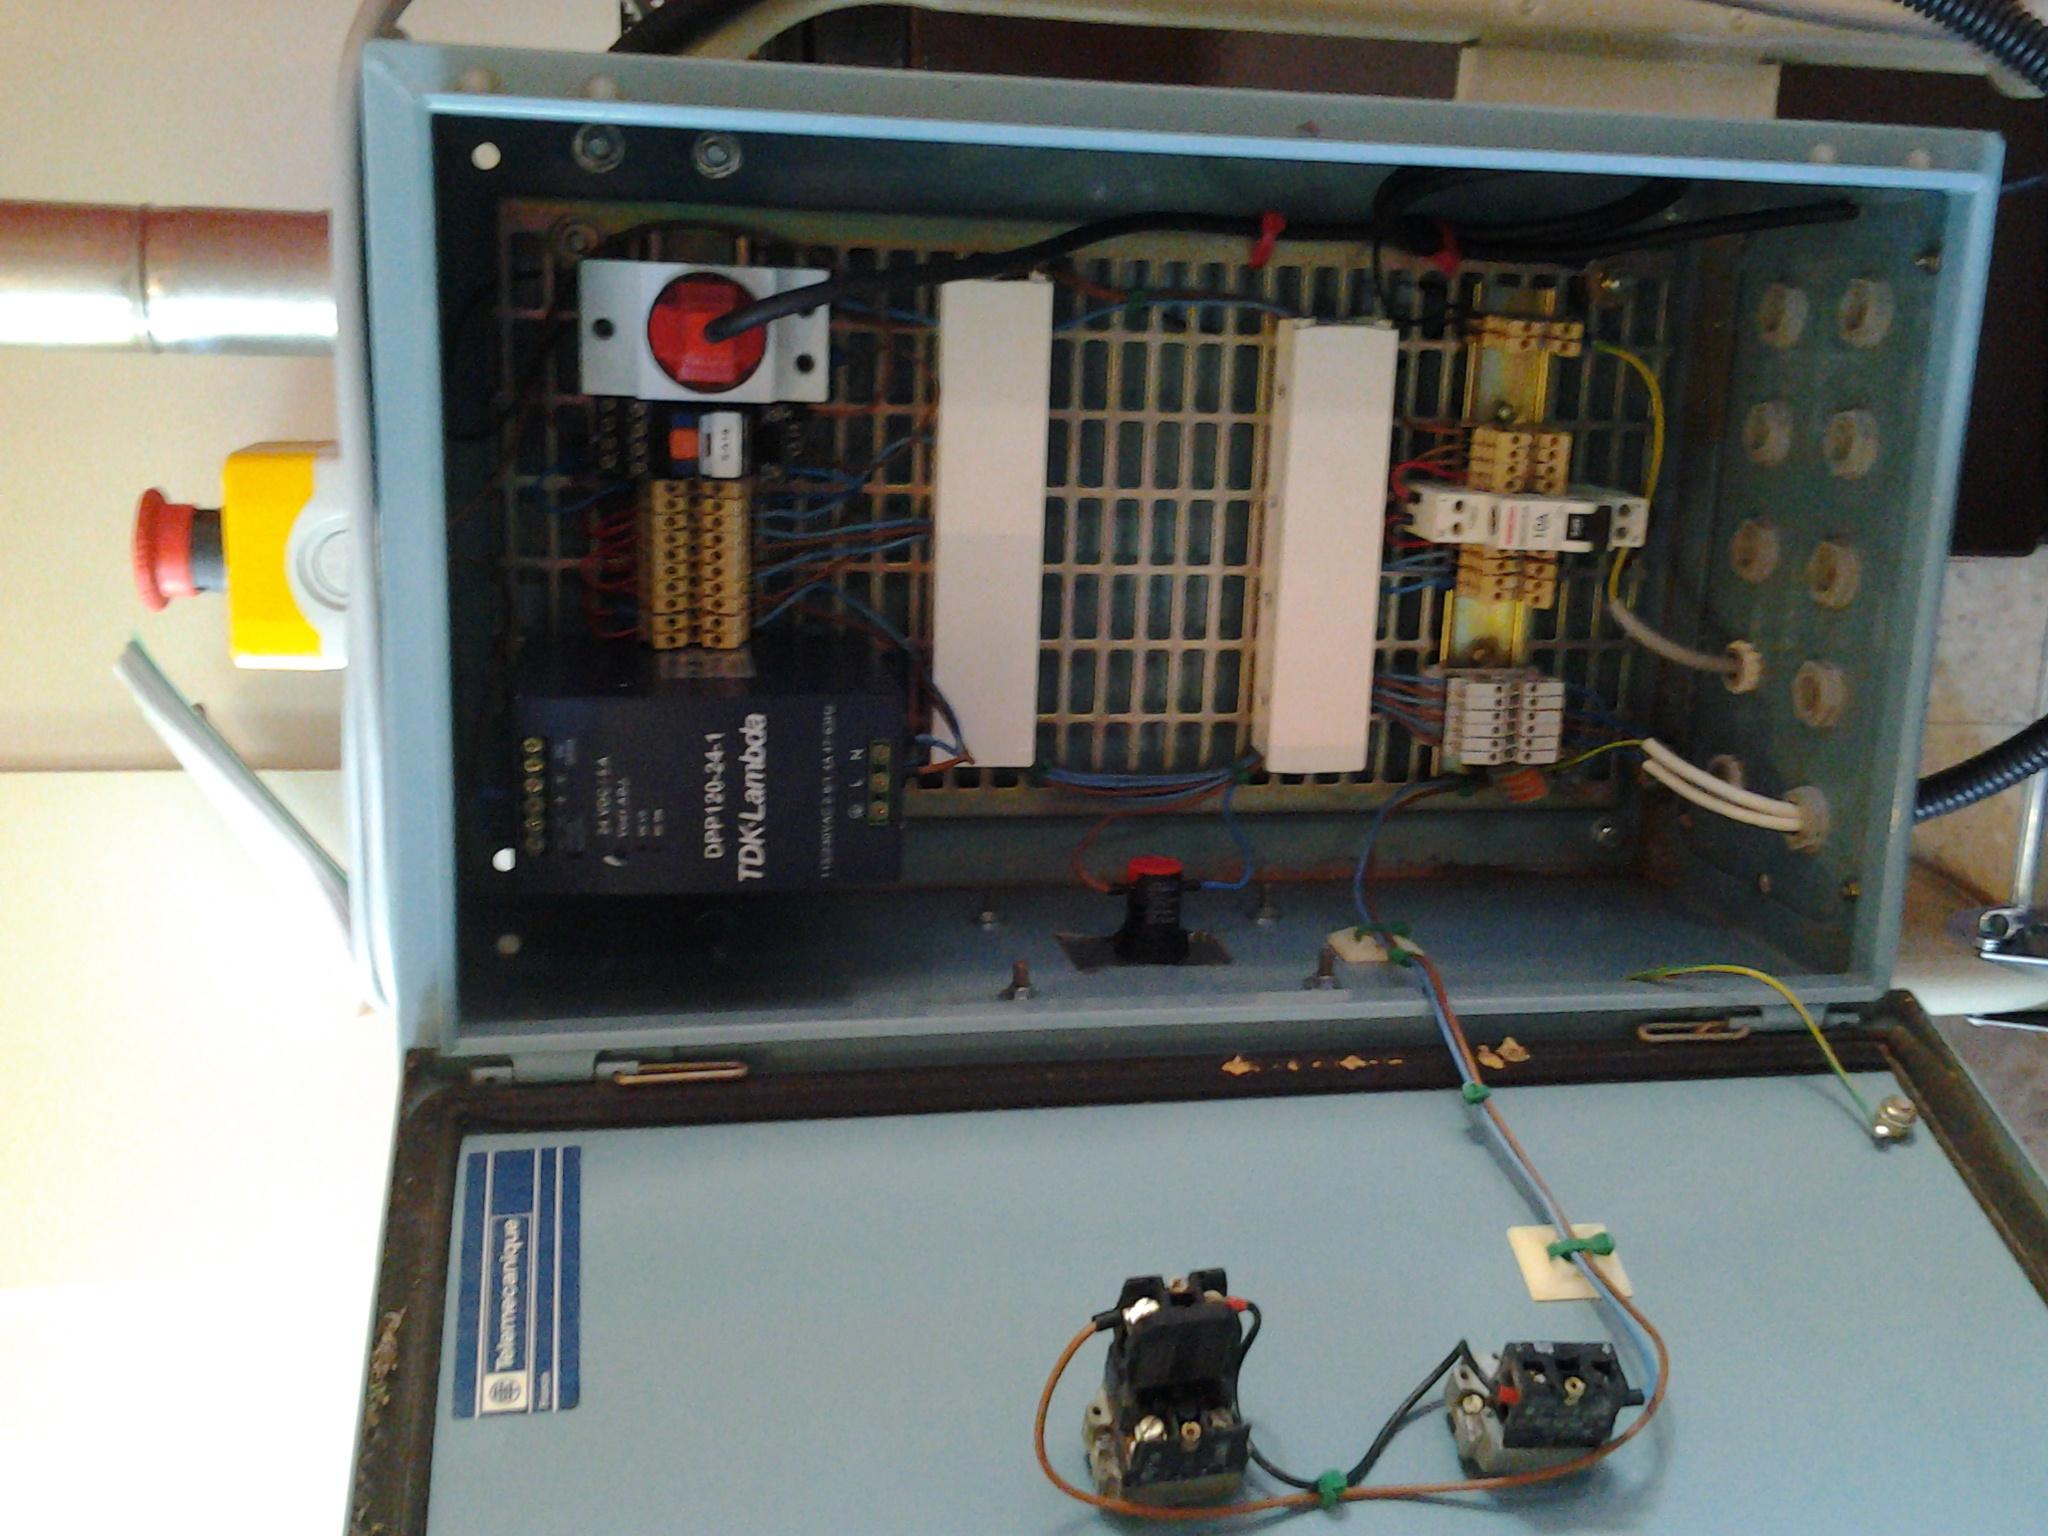 Afficher le sujet armoire lectrique - Voyant armoire electrique ...